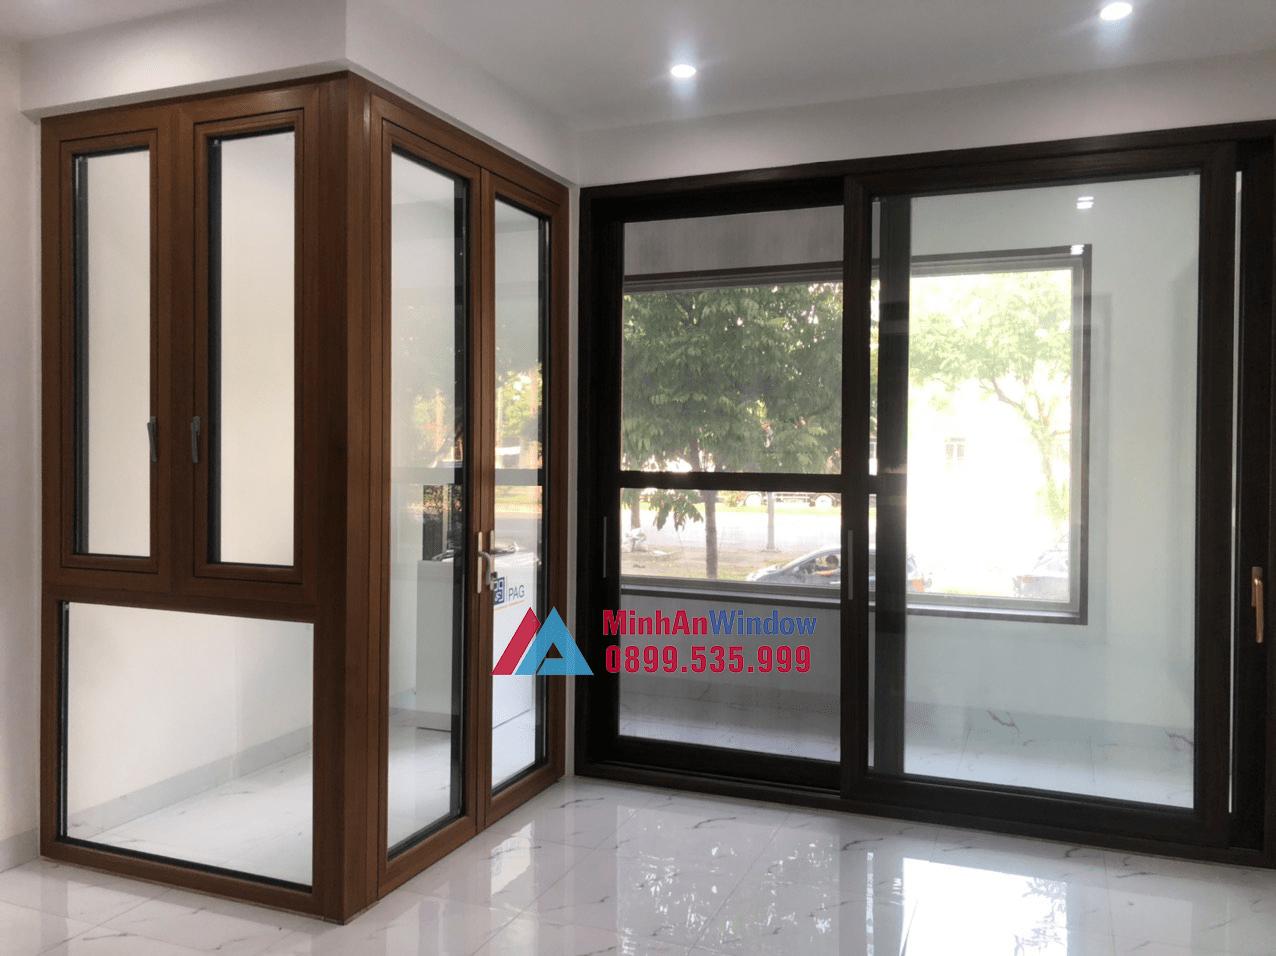 Mẫu cửa đi nhôm kính Minh An Window lắp đặt tại quận Tây Hồ - Hà Nội